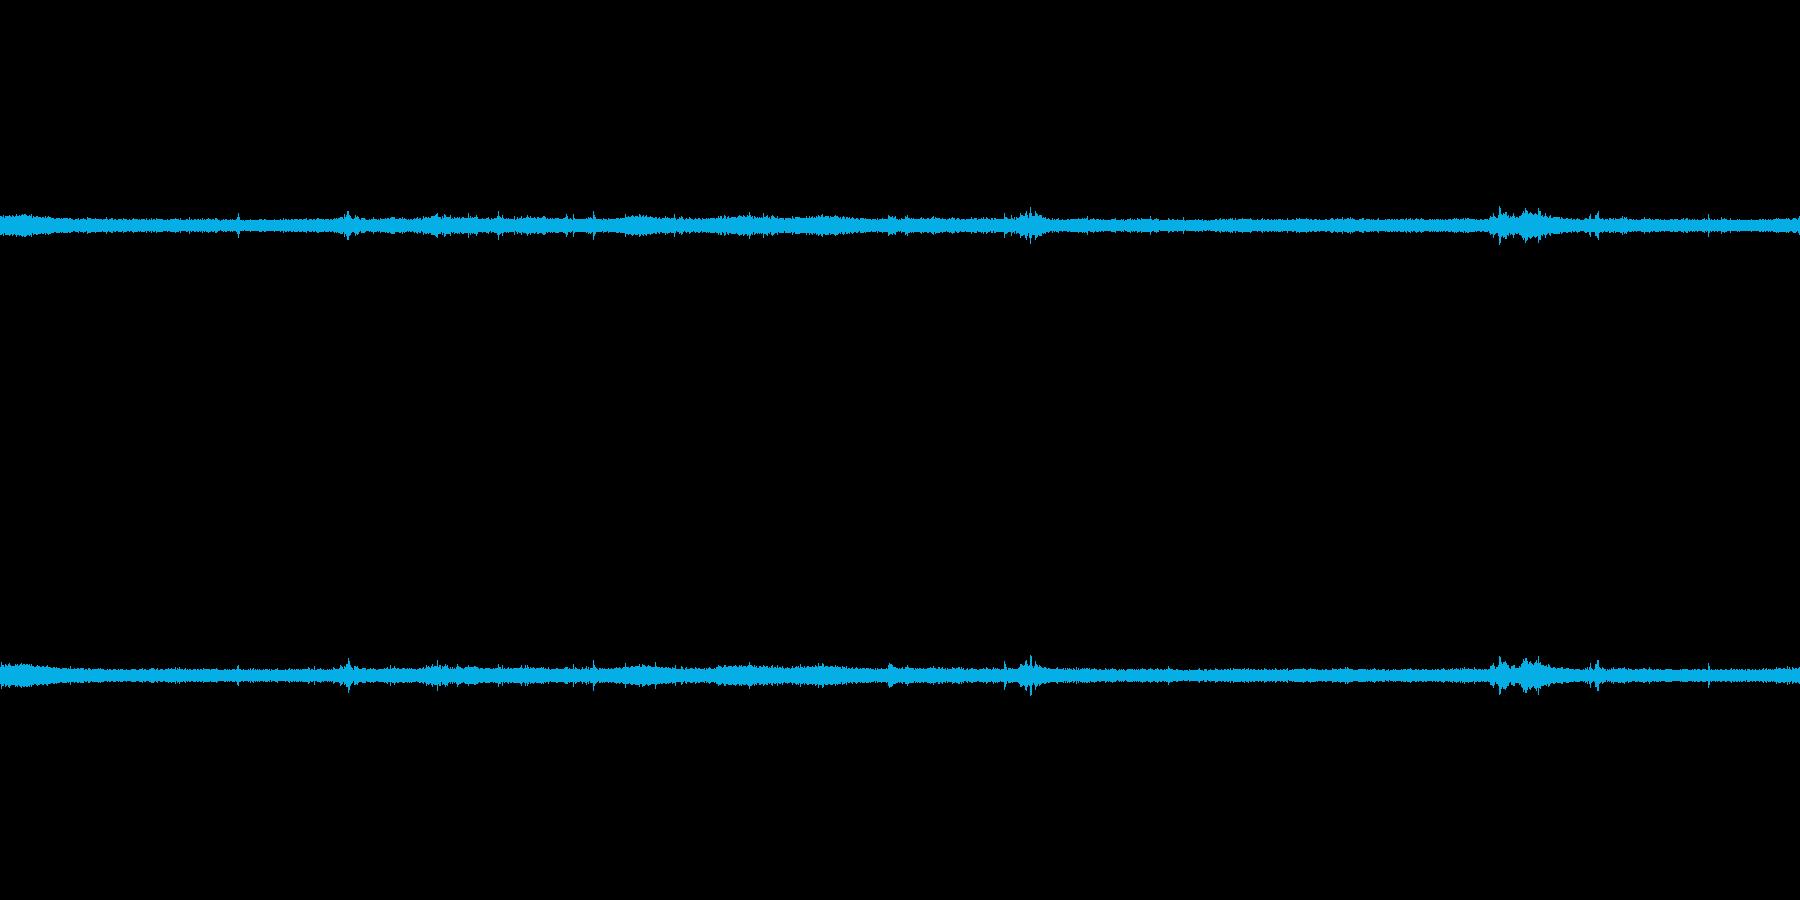 【生音】夏の日の雷雨 - 03 雨の降…の再生済みの波形